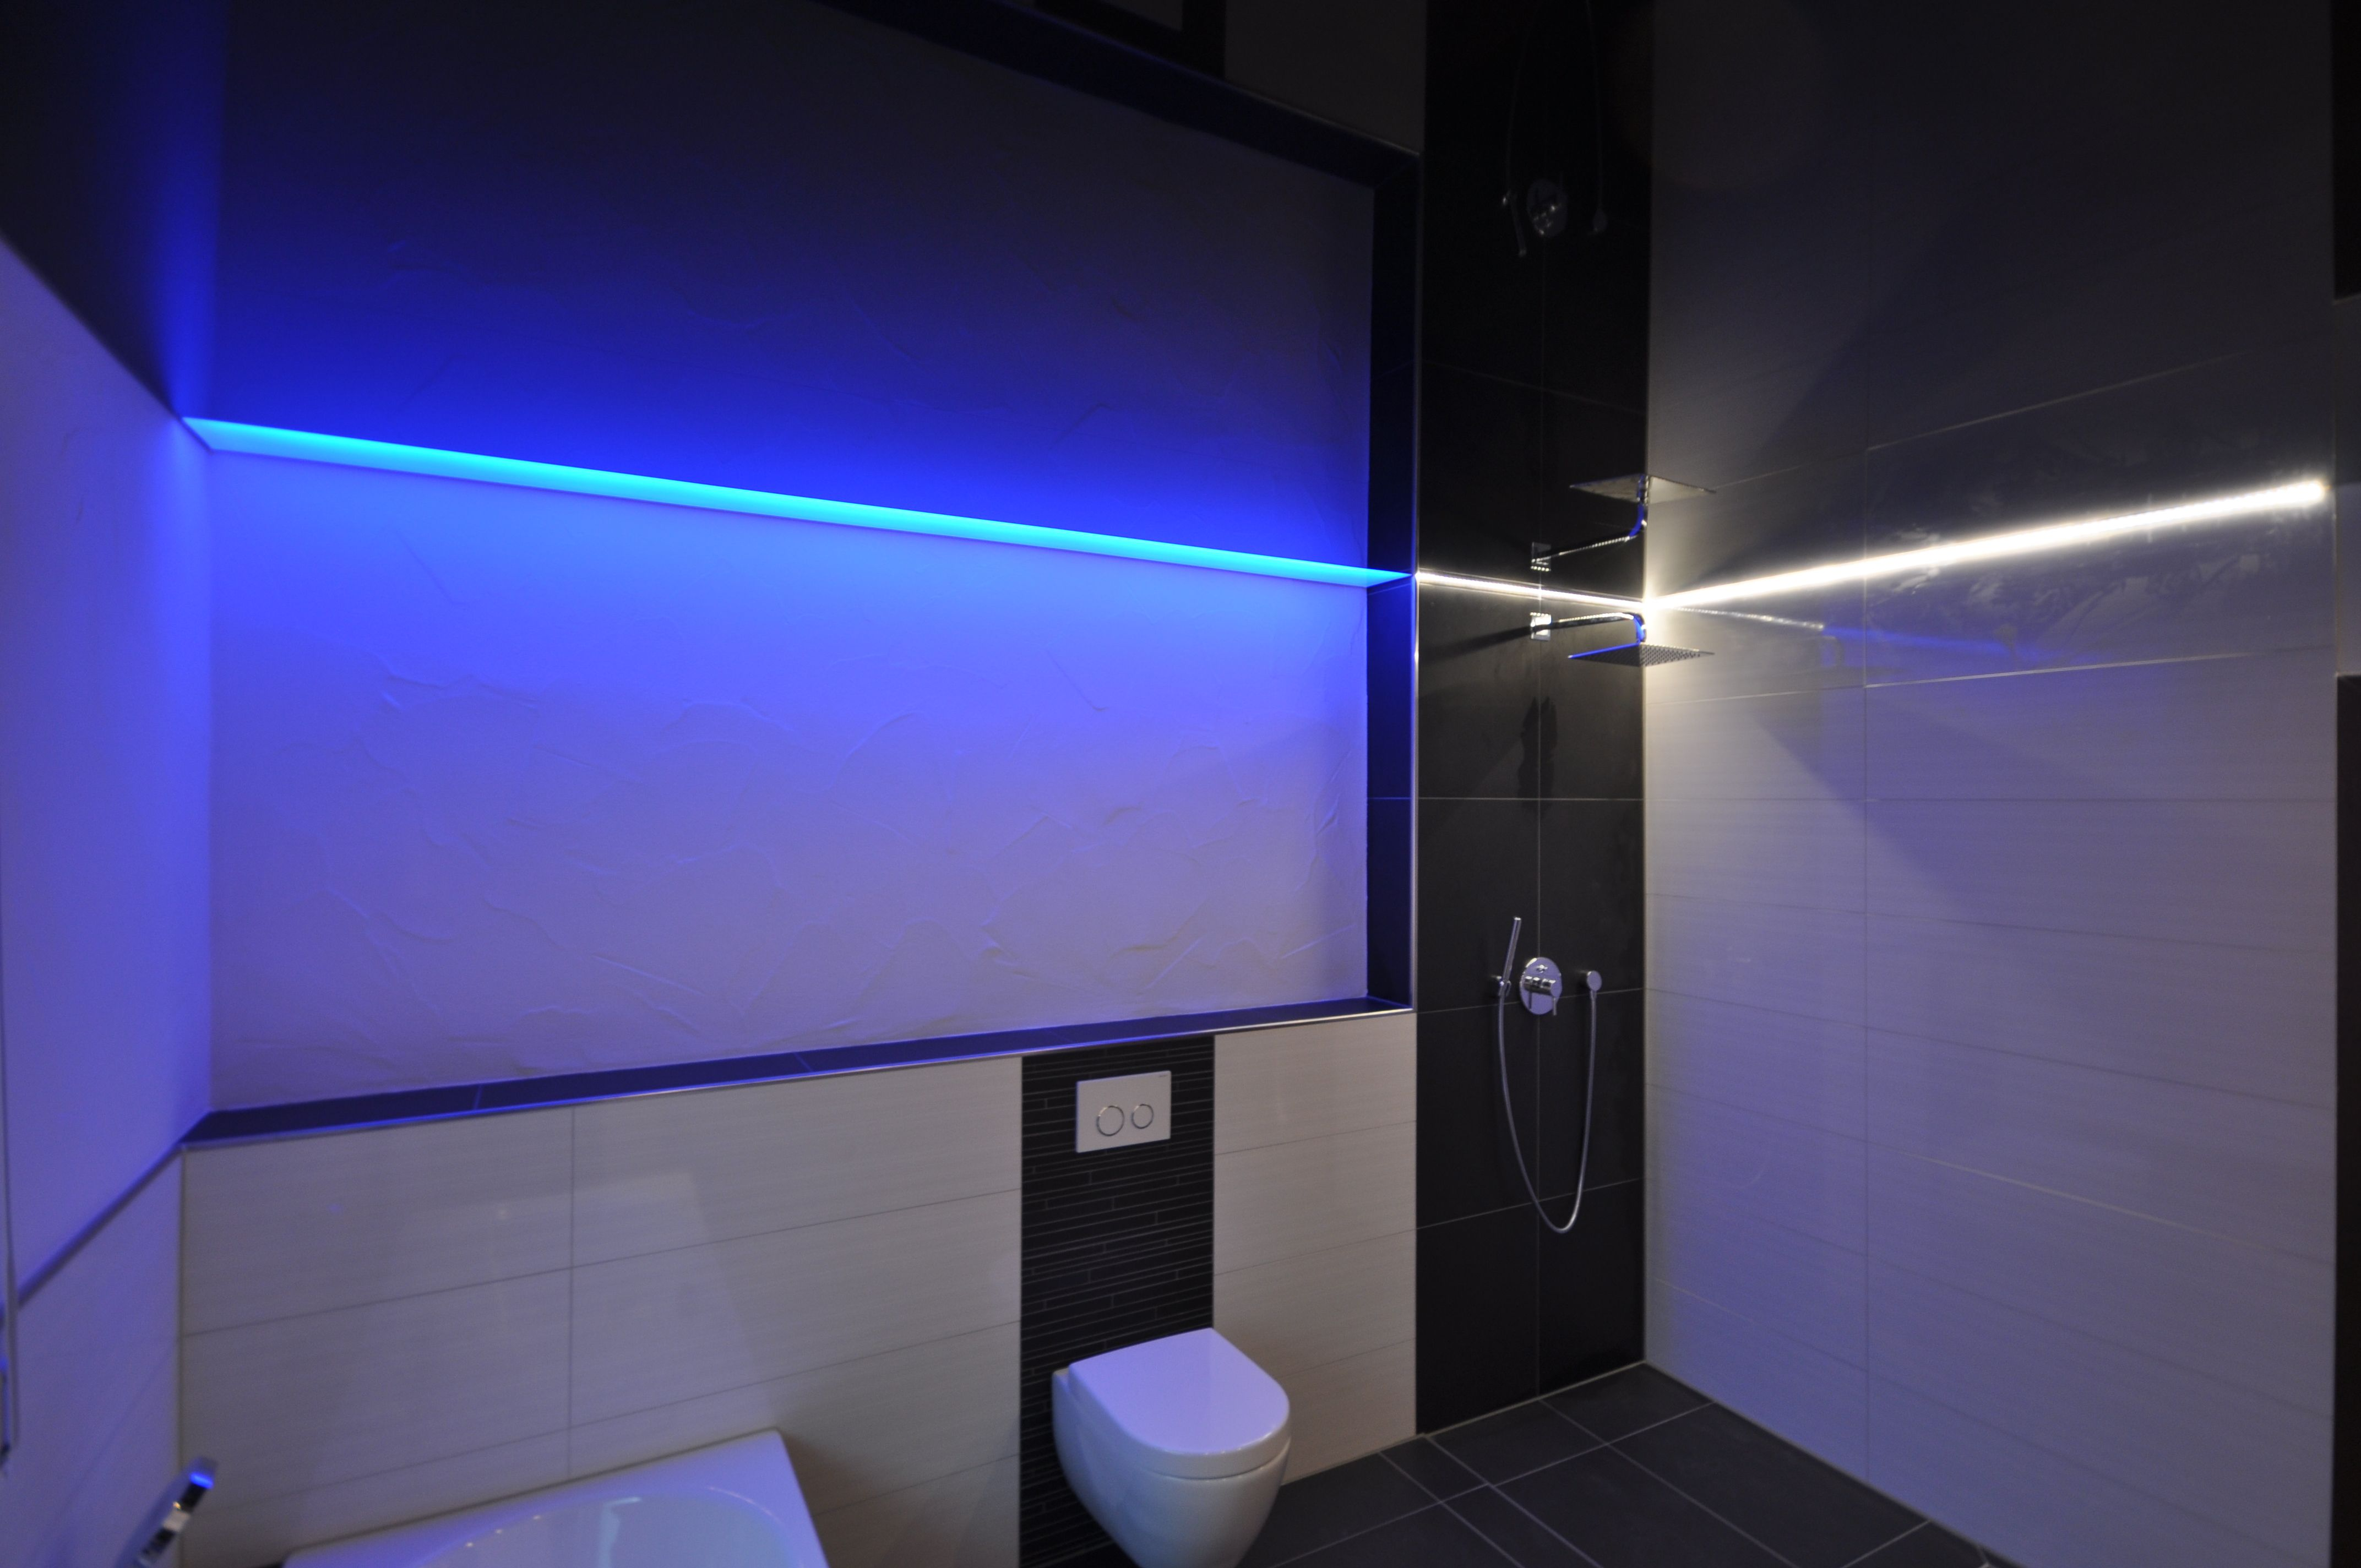 Spanndecke In Schwarz Hochglanz Bad Wc Decke Renovieren Fliesen Farbwechsler Wellness Spanndecken Nasszelle Badezimmer